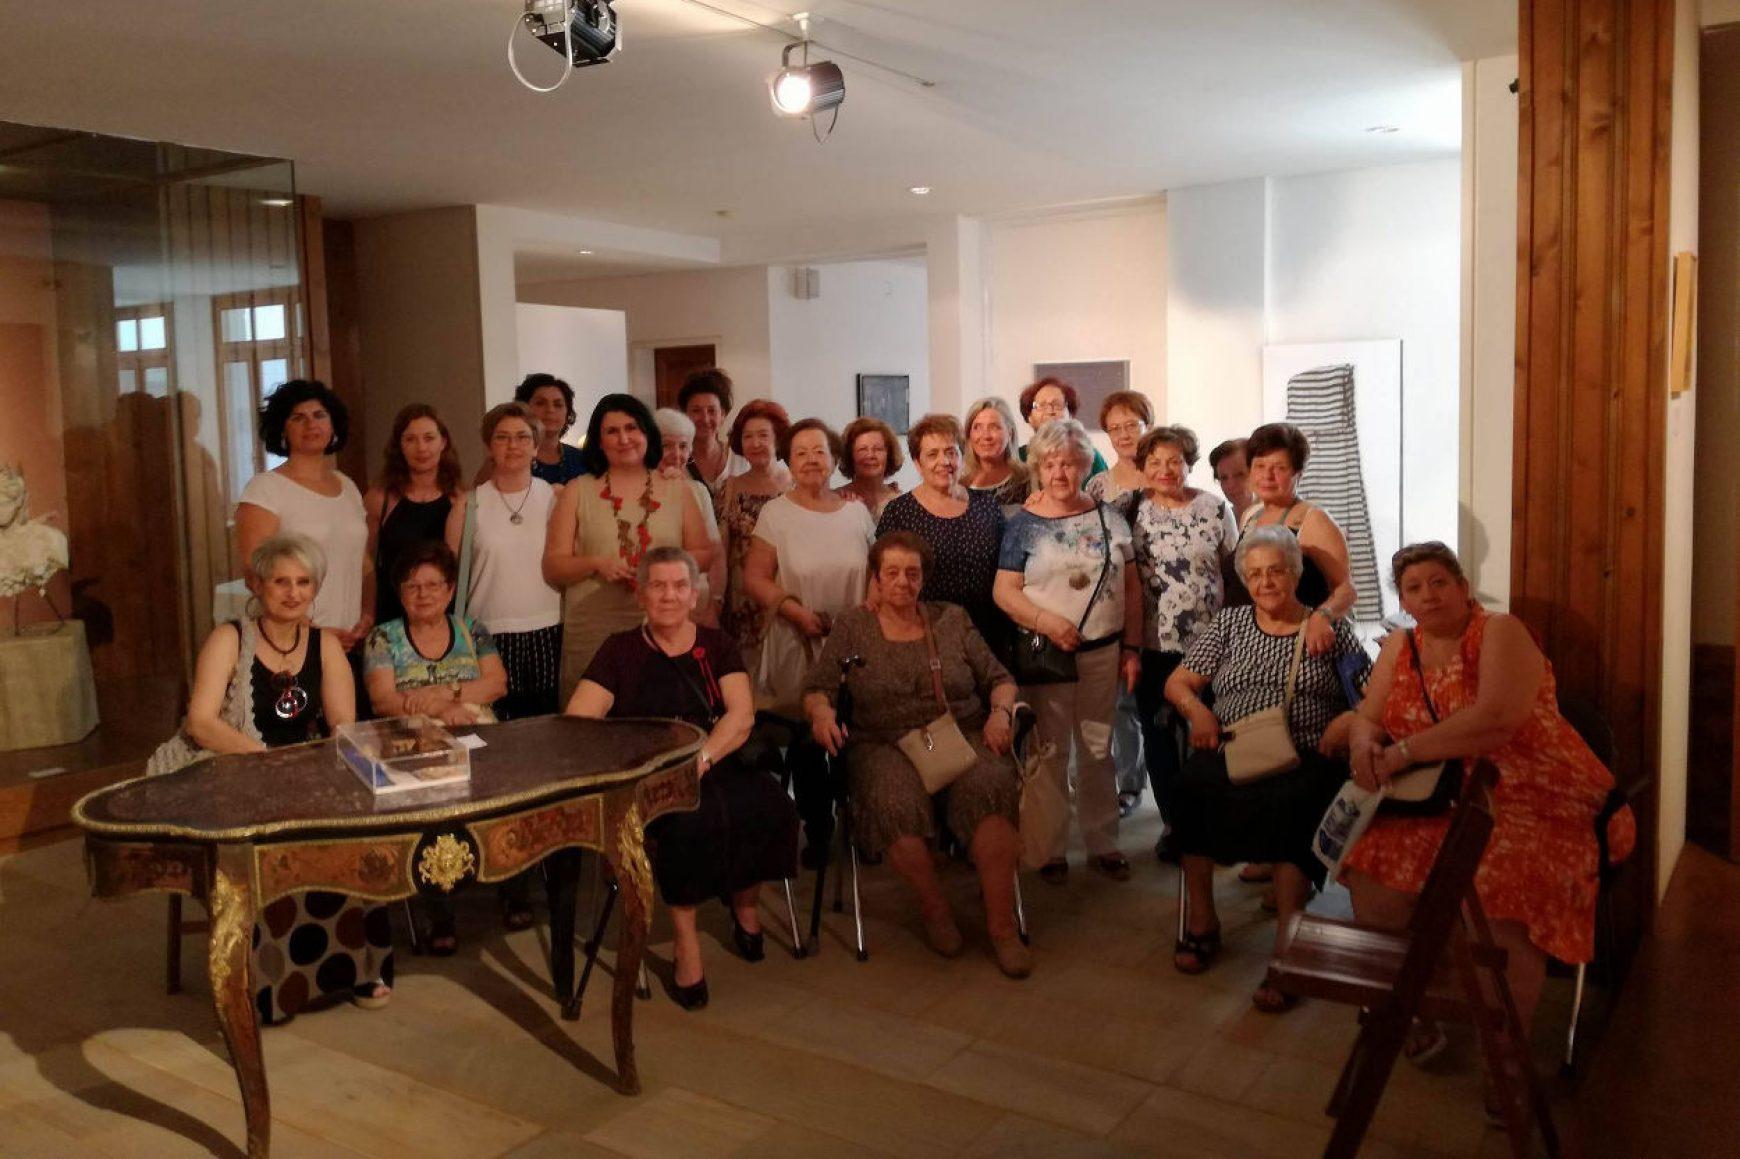 Επίσκεψη στο Λαογραφικό – Ιστορικό Μουσείο Λάρισας – Η περίπτωση Καποδίστρια